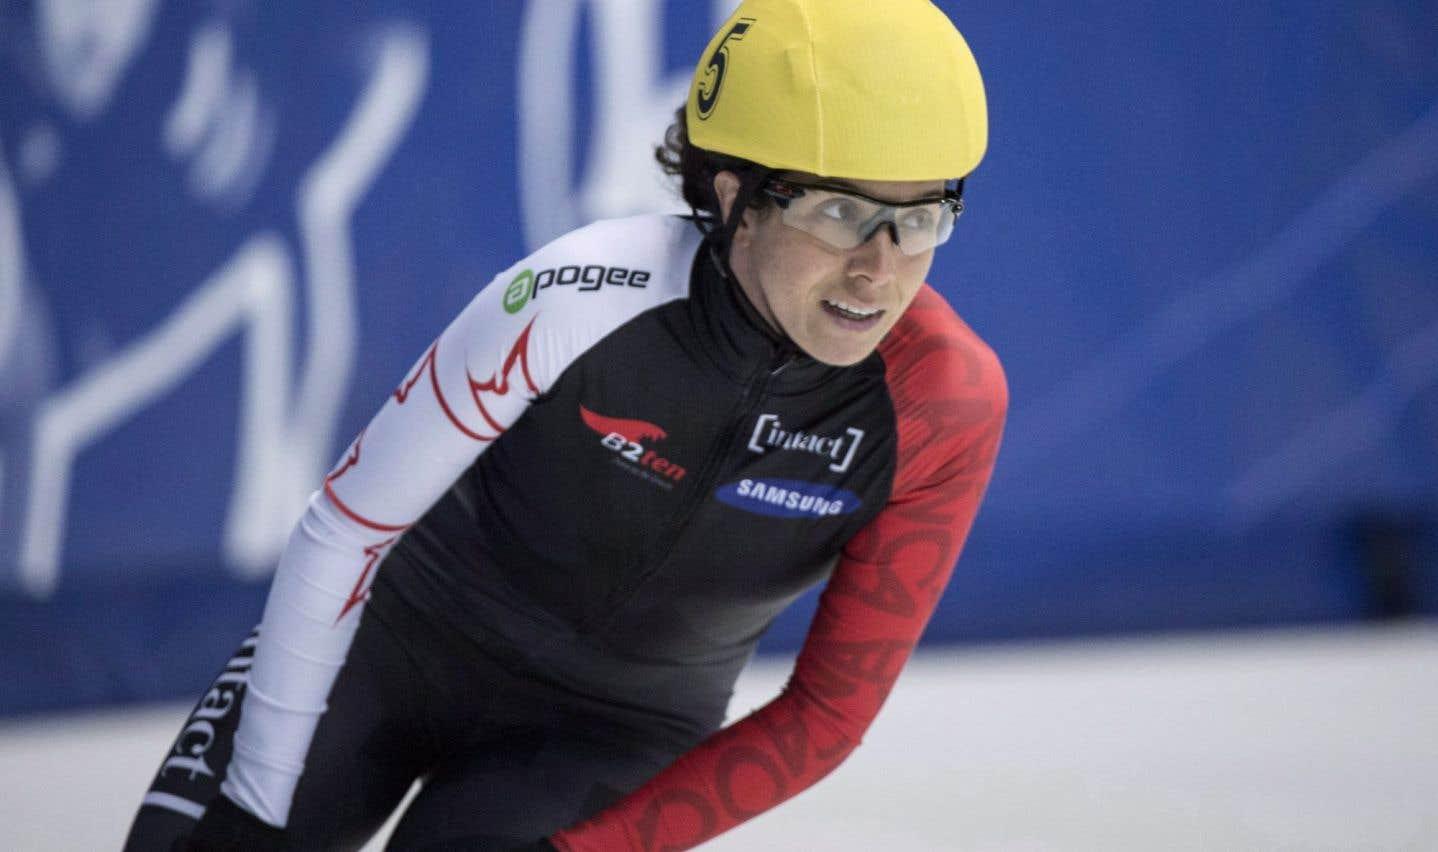 Marie-Ève Drolet, de Saguenay, a notamment remporté ses courses des rondes de qualification dans les deux épreuves de 1500 m à l'horaire cette fin de semaine.